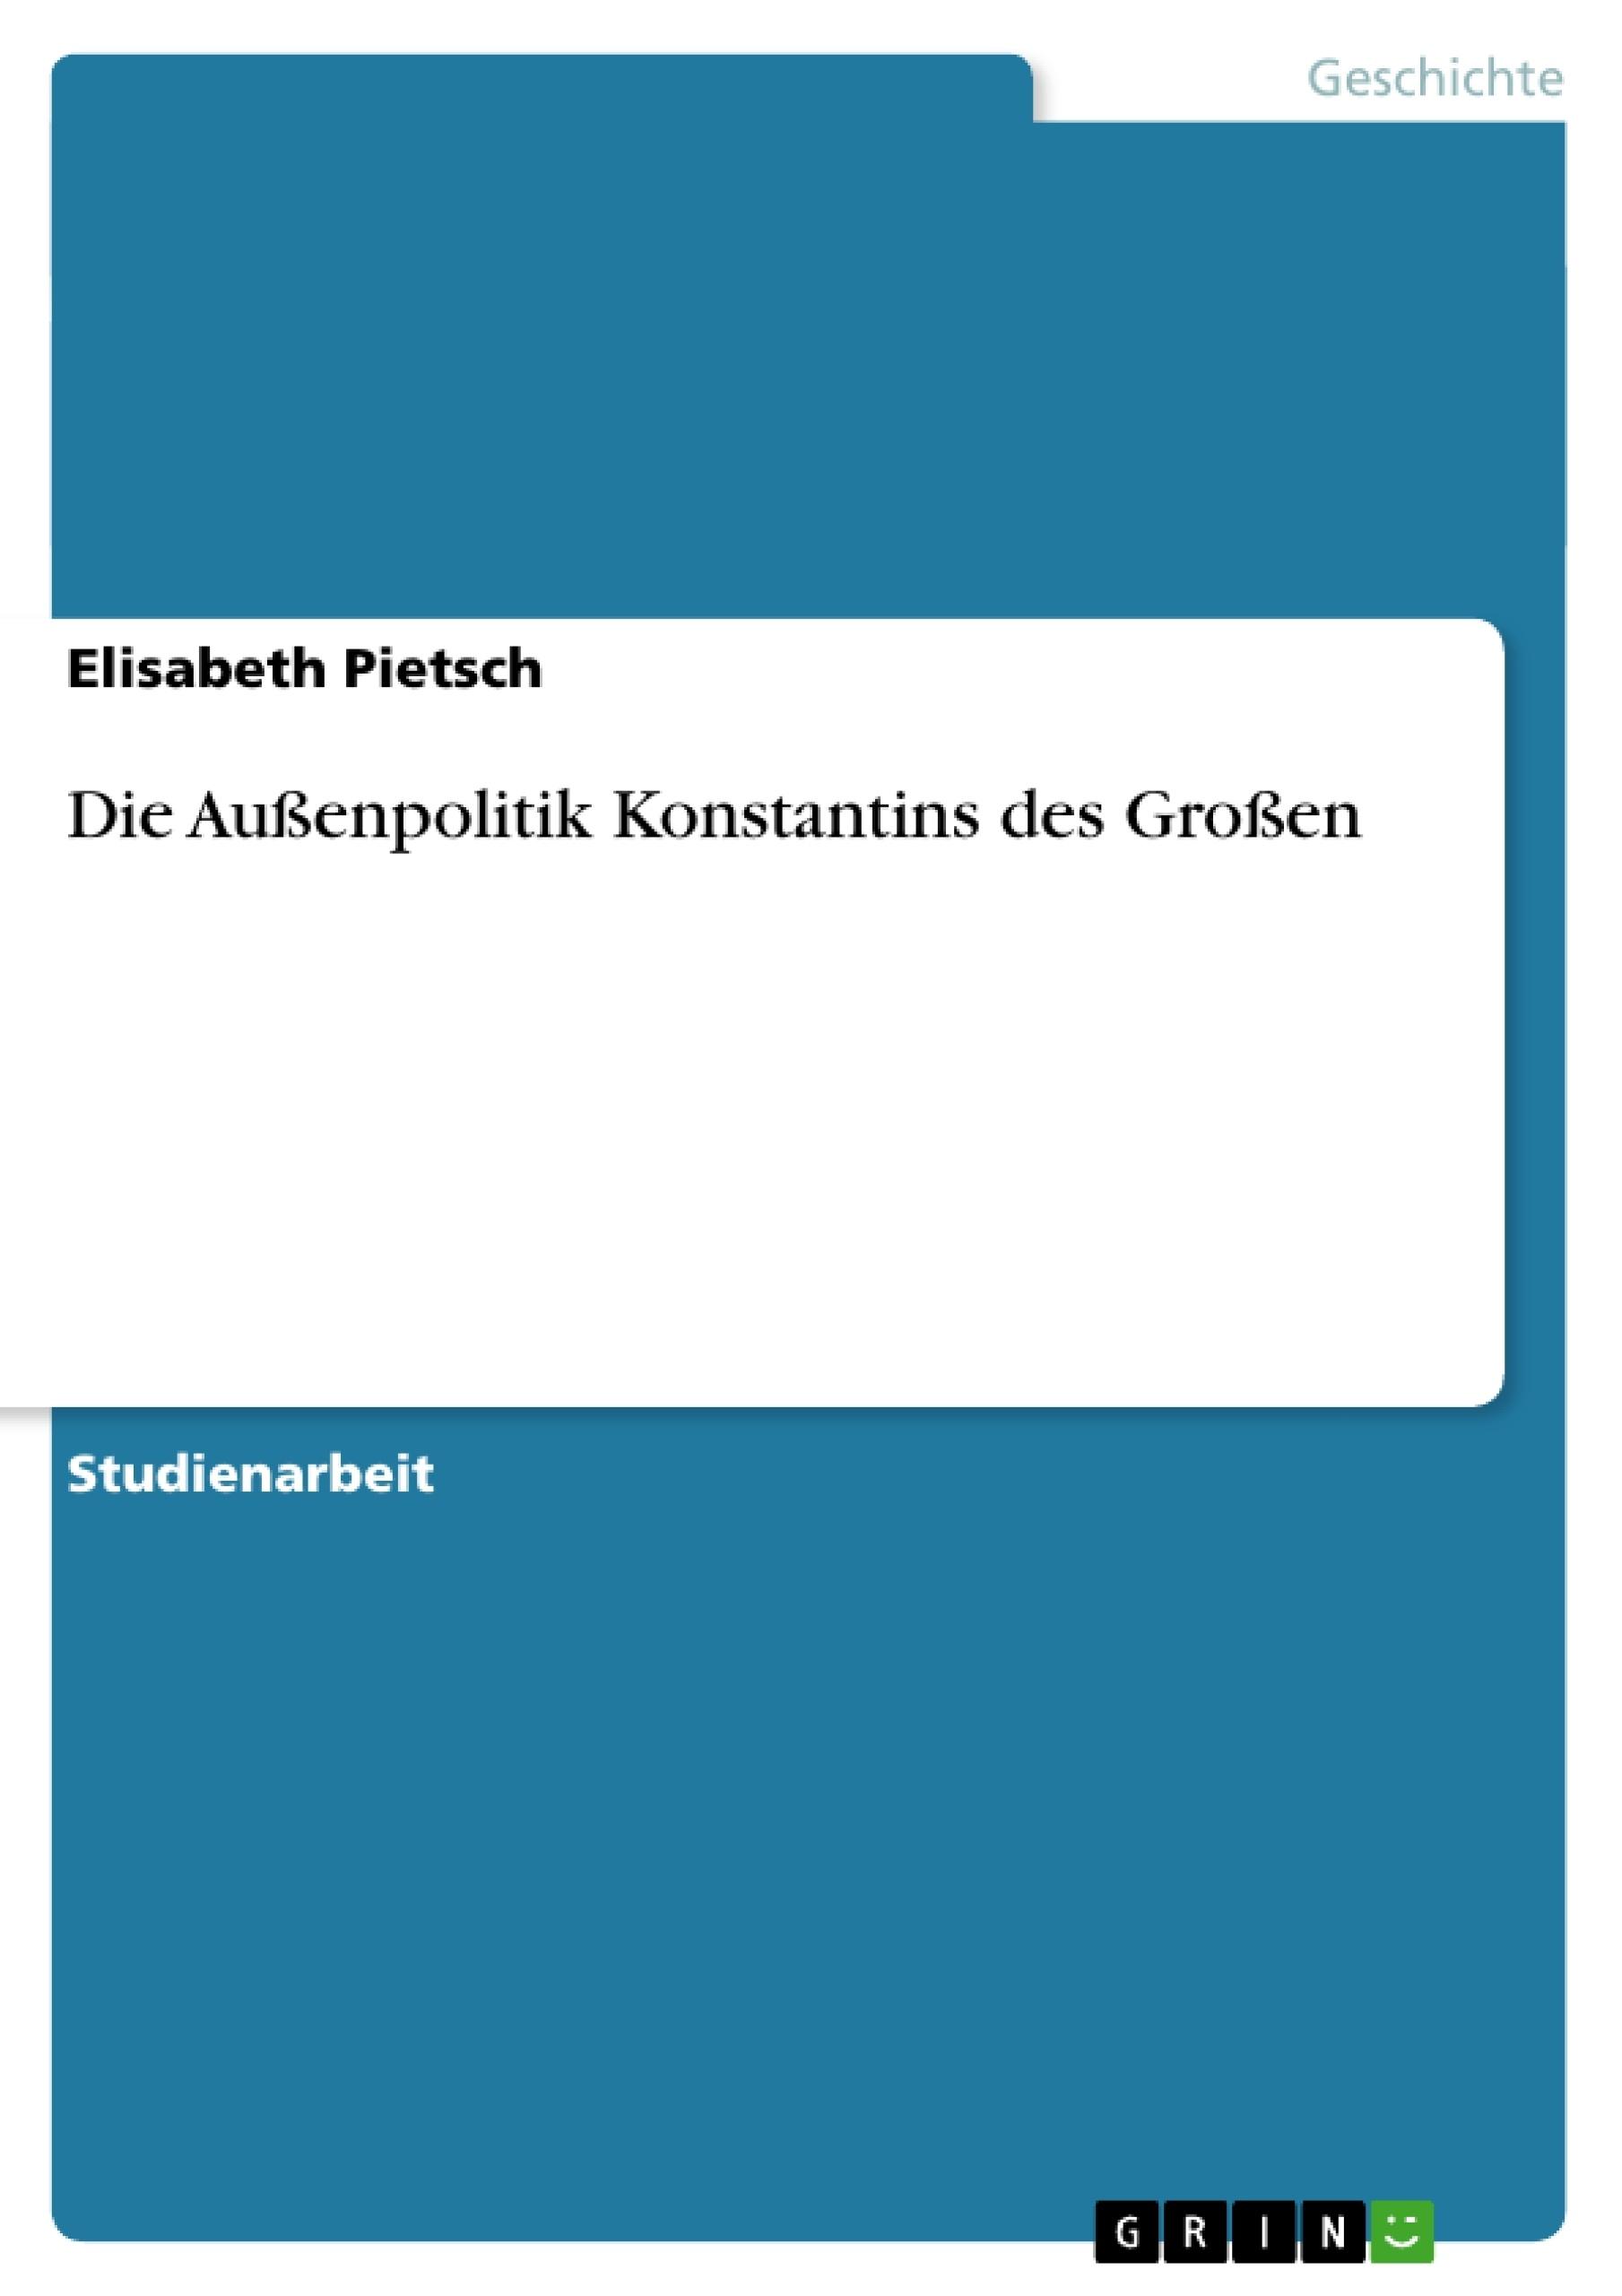 Titel: Die Außenpolitik Konstantins des Großen